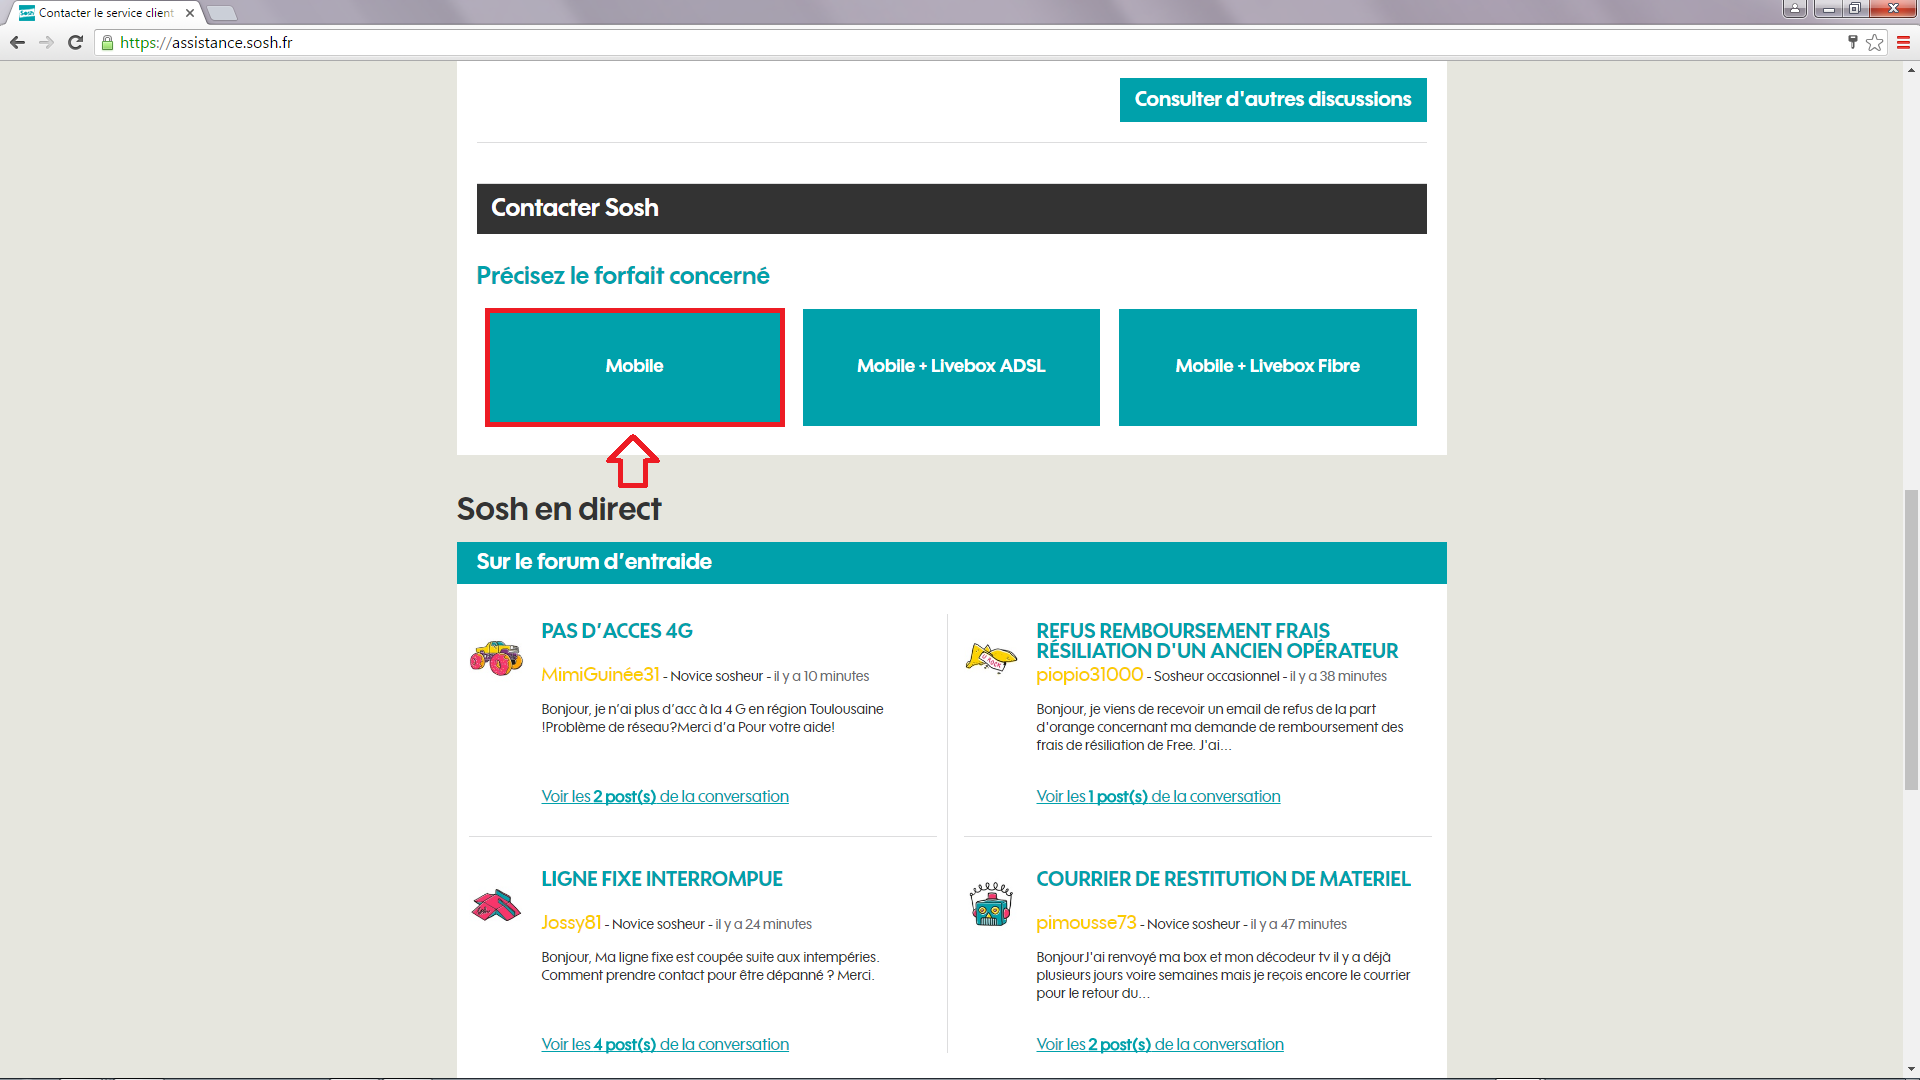 Resolu Activer Nouvelle Carte Sim Suite Changement De Tel Communaute Sosh